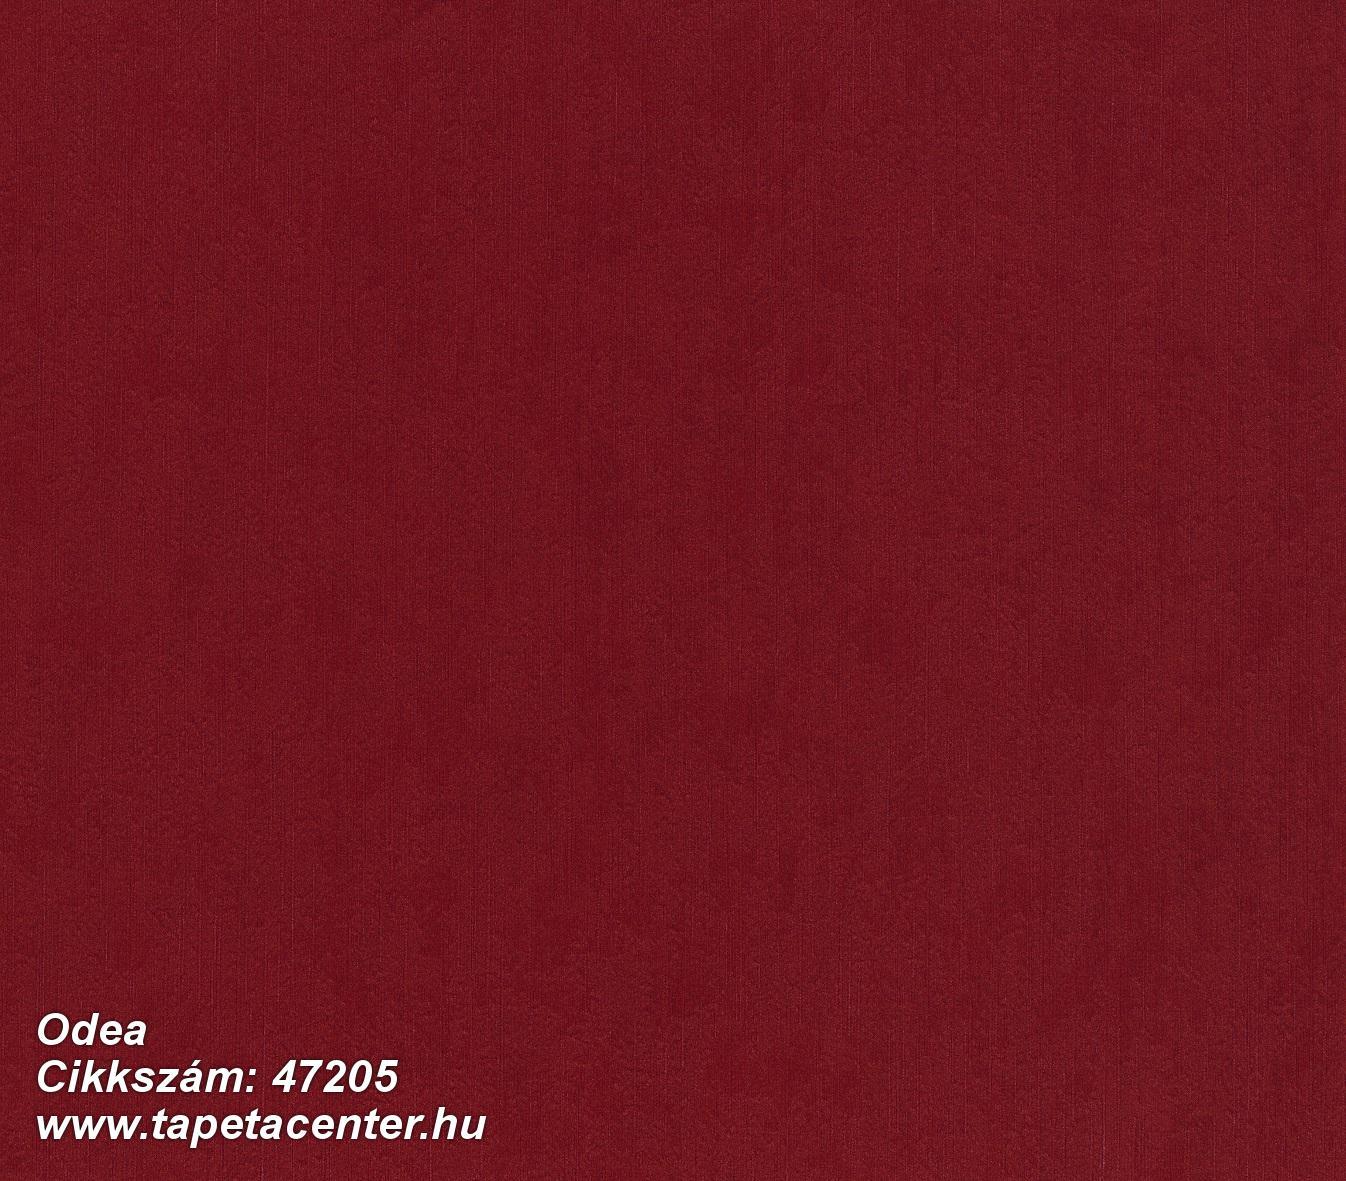 Odea - 47205 Olasz tapéta